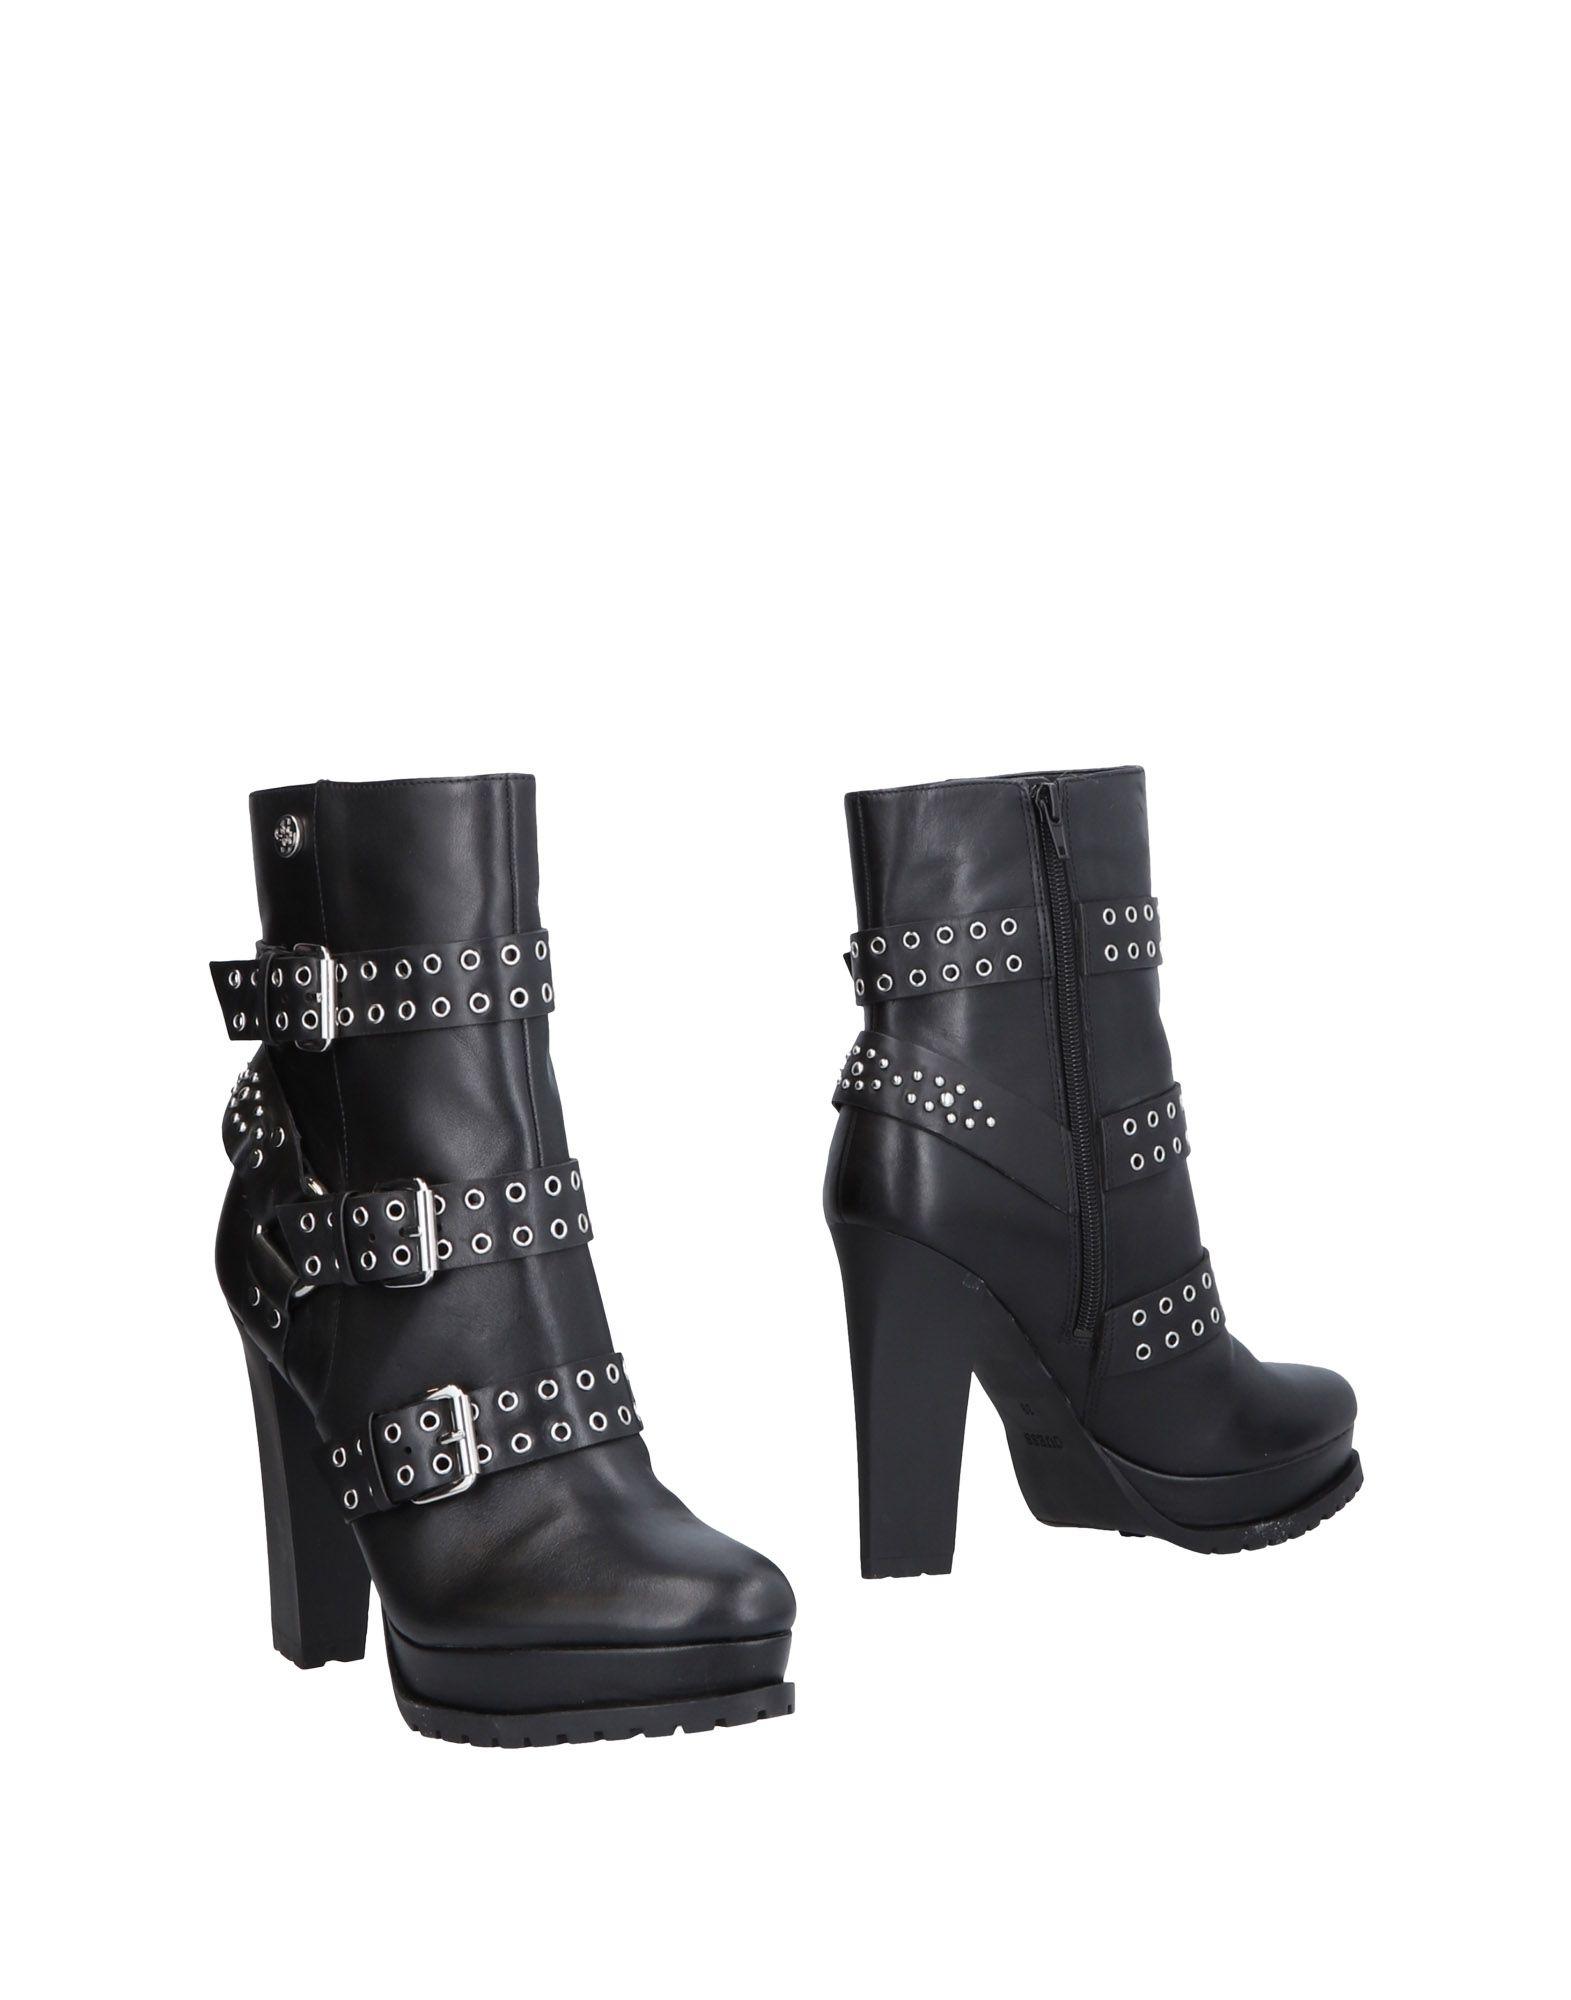 Moda Stivaletti Guess Donna - 11467165QW